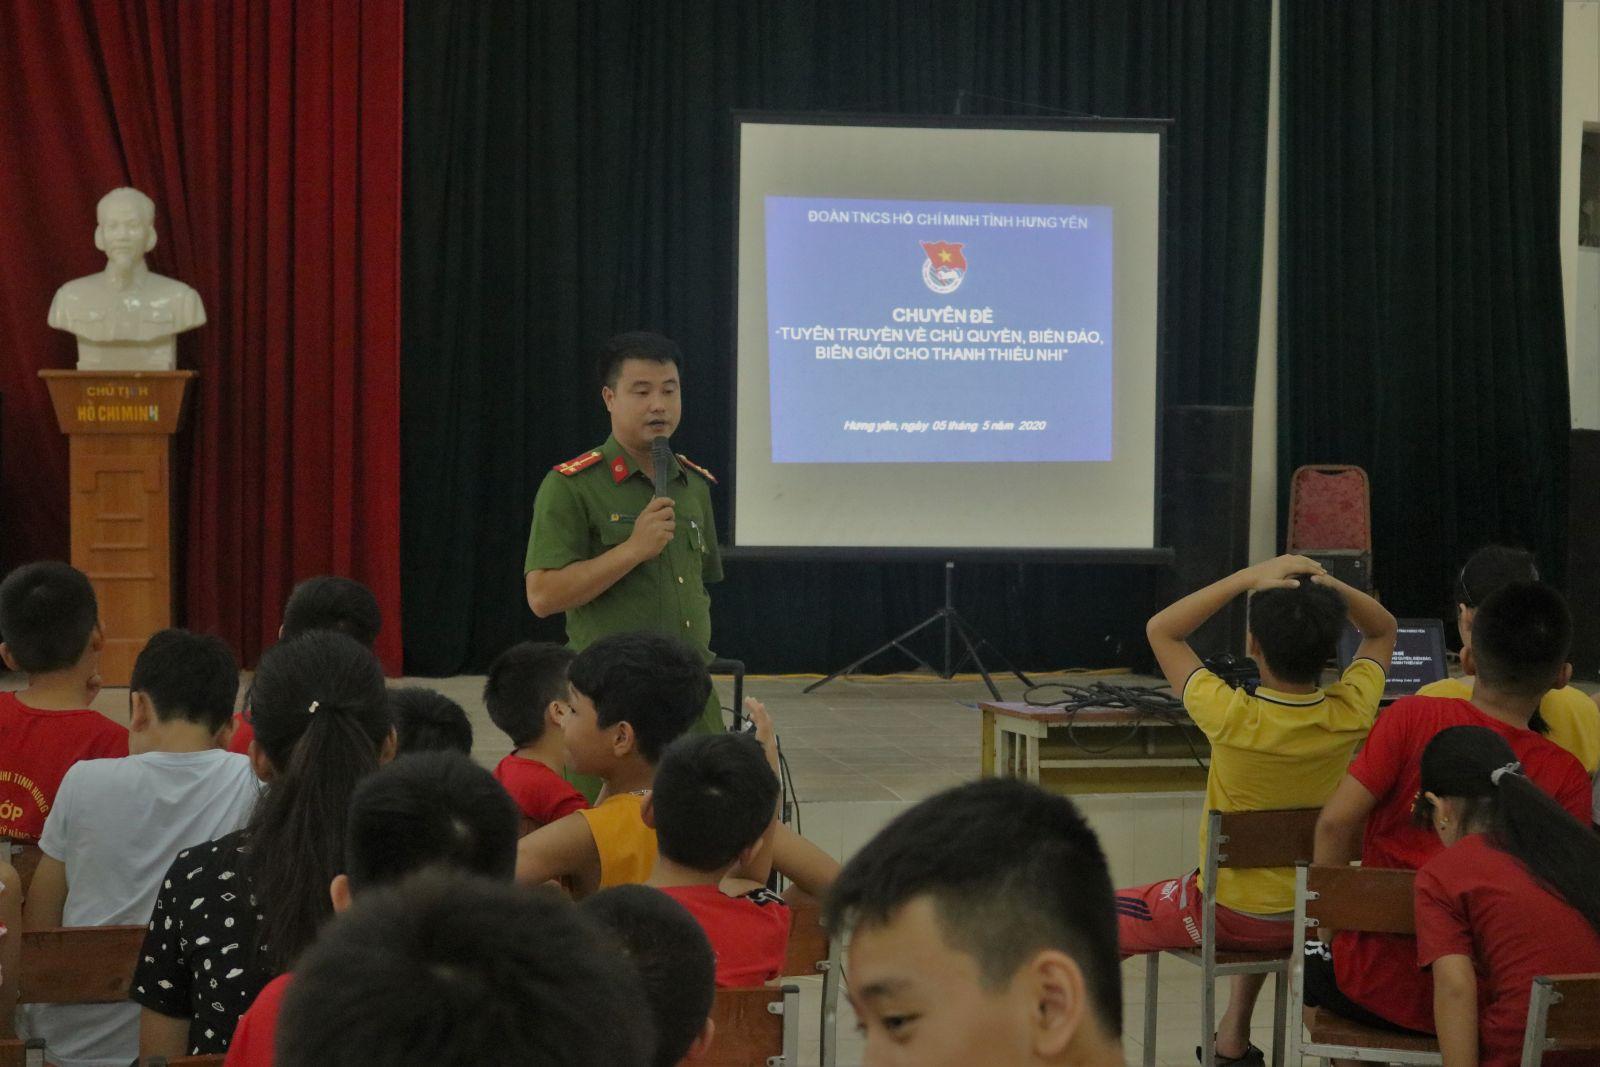 Tỉnh đoàn tổ chức tuyên truyền về chủ quyền biển đảo, biên giới đất liền cho thanh thiếu nhi năm 2020